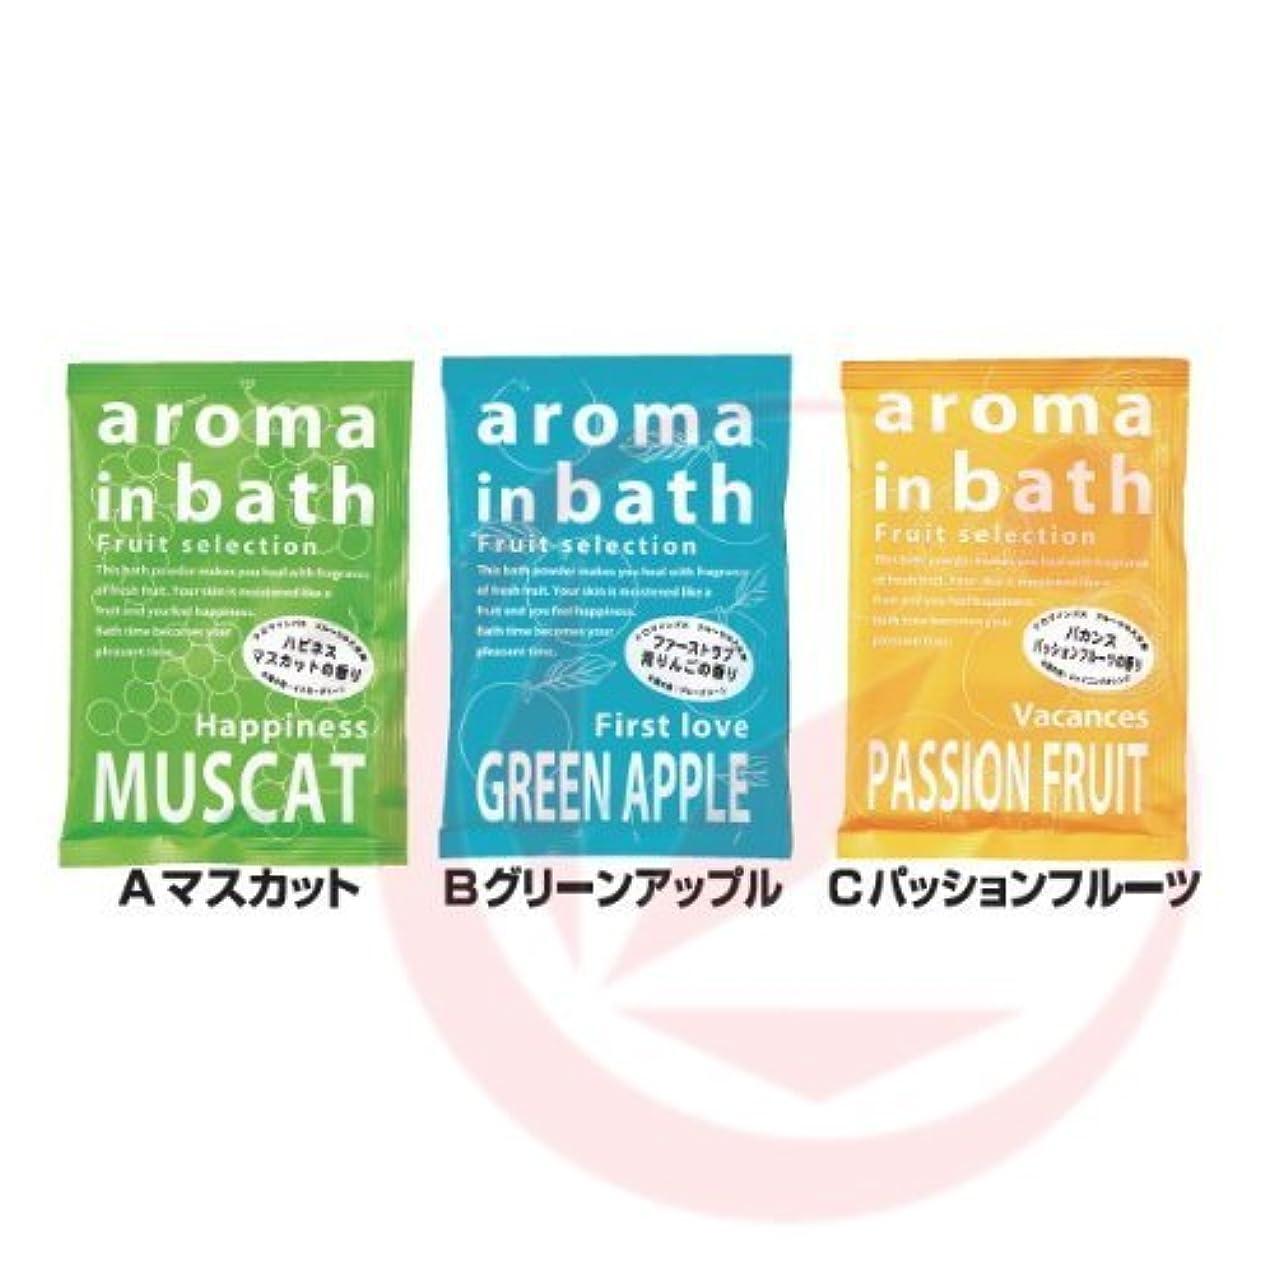 なのでペフ香ばしい粉体入浴剤アロマインバス25g 144袋入り(3種類 各48袋)